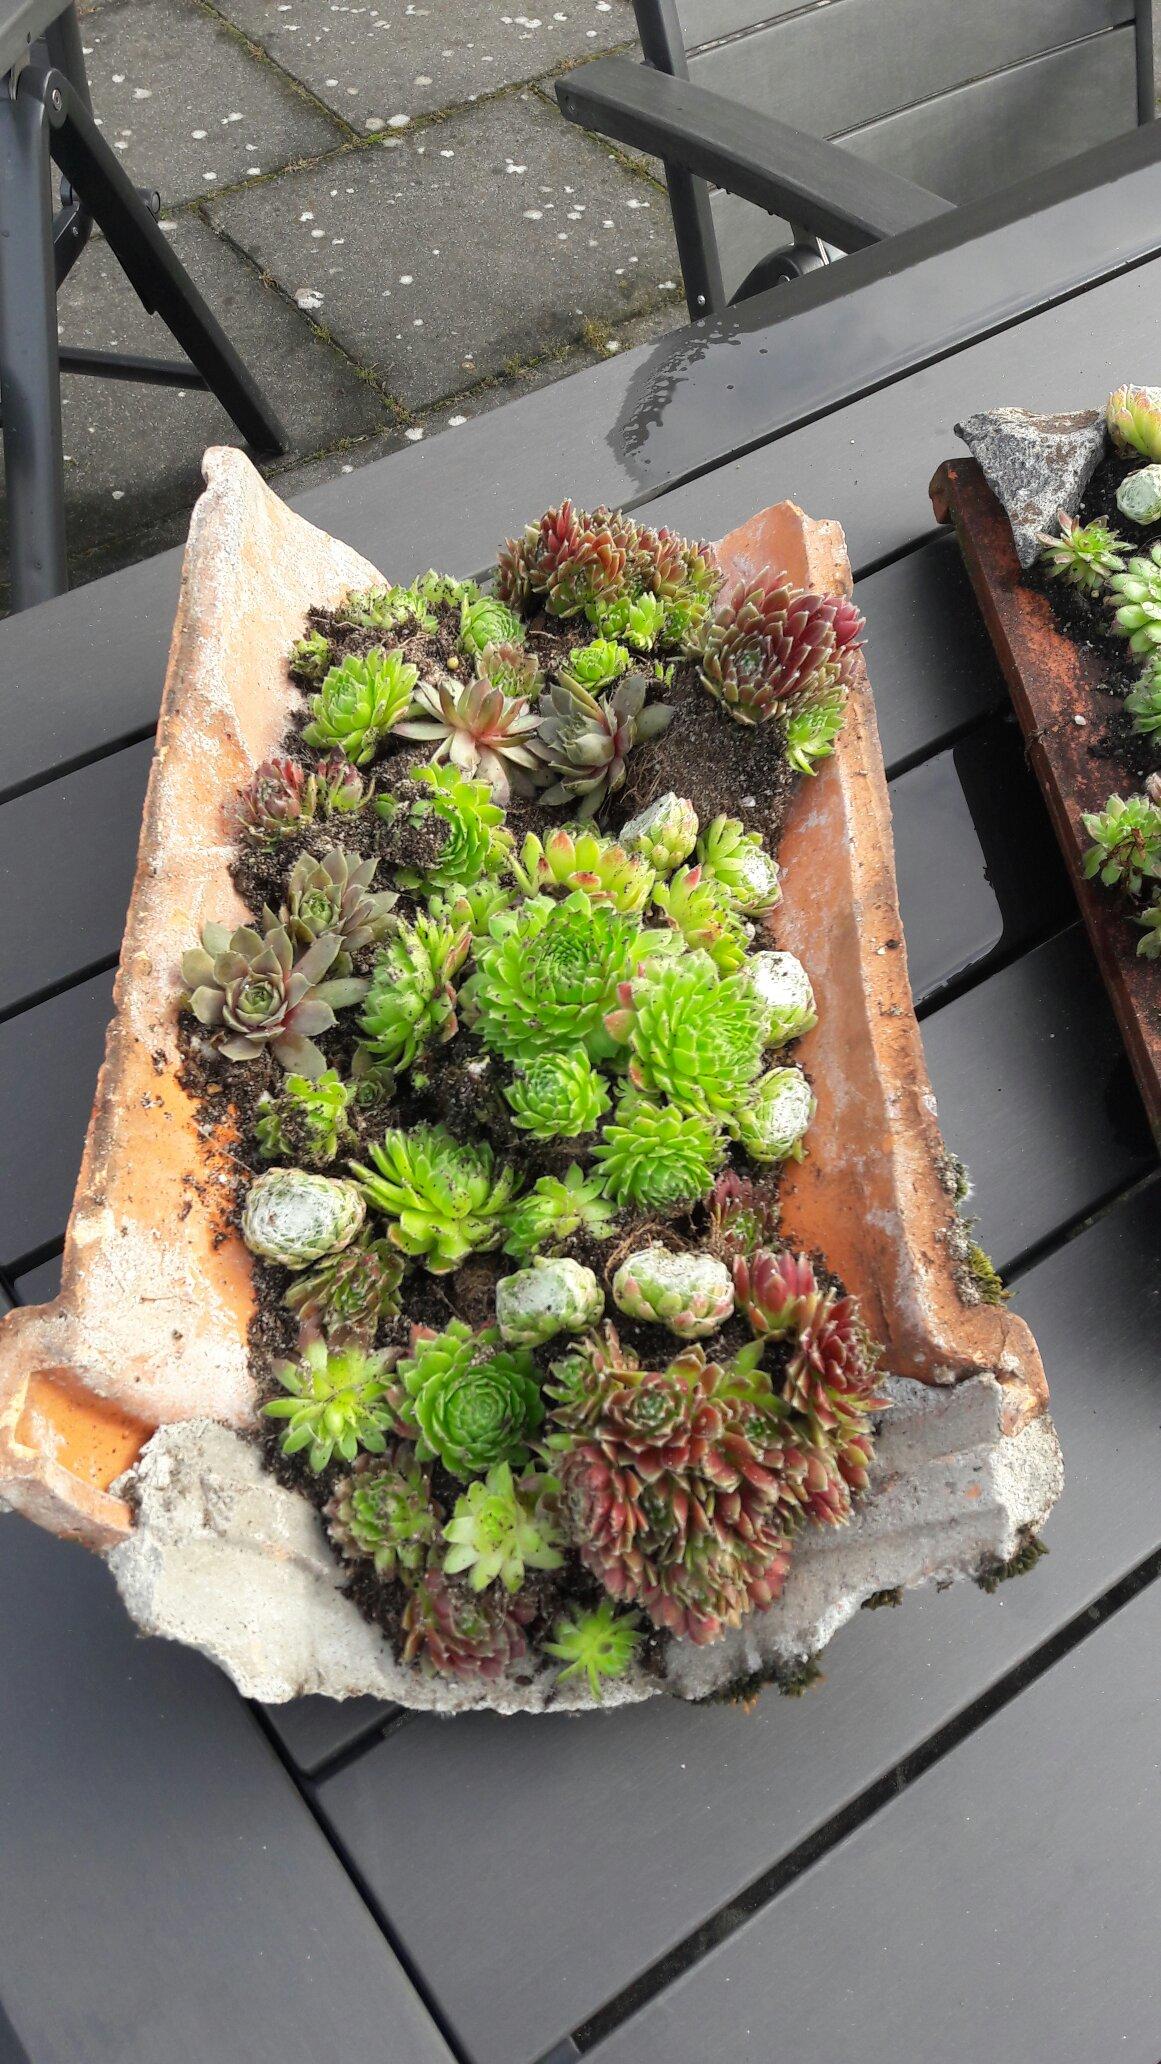 Dachrosen Dachwurz Hauswurz im Holzkorb